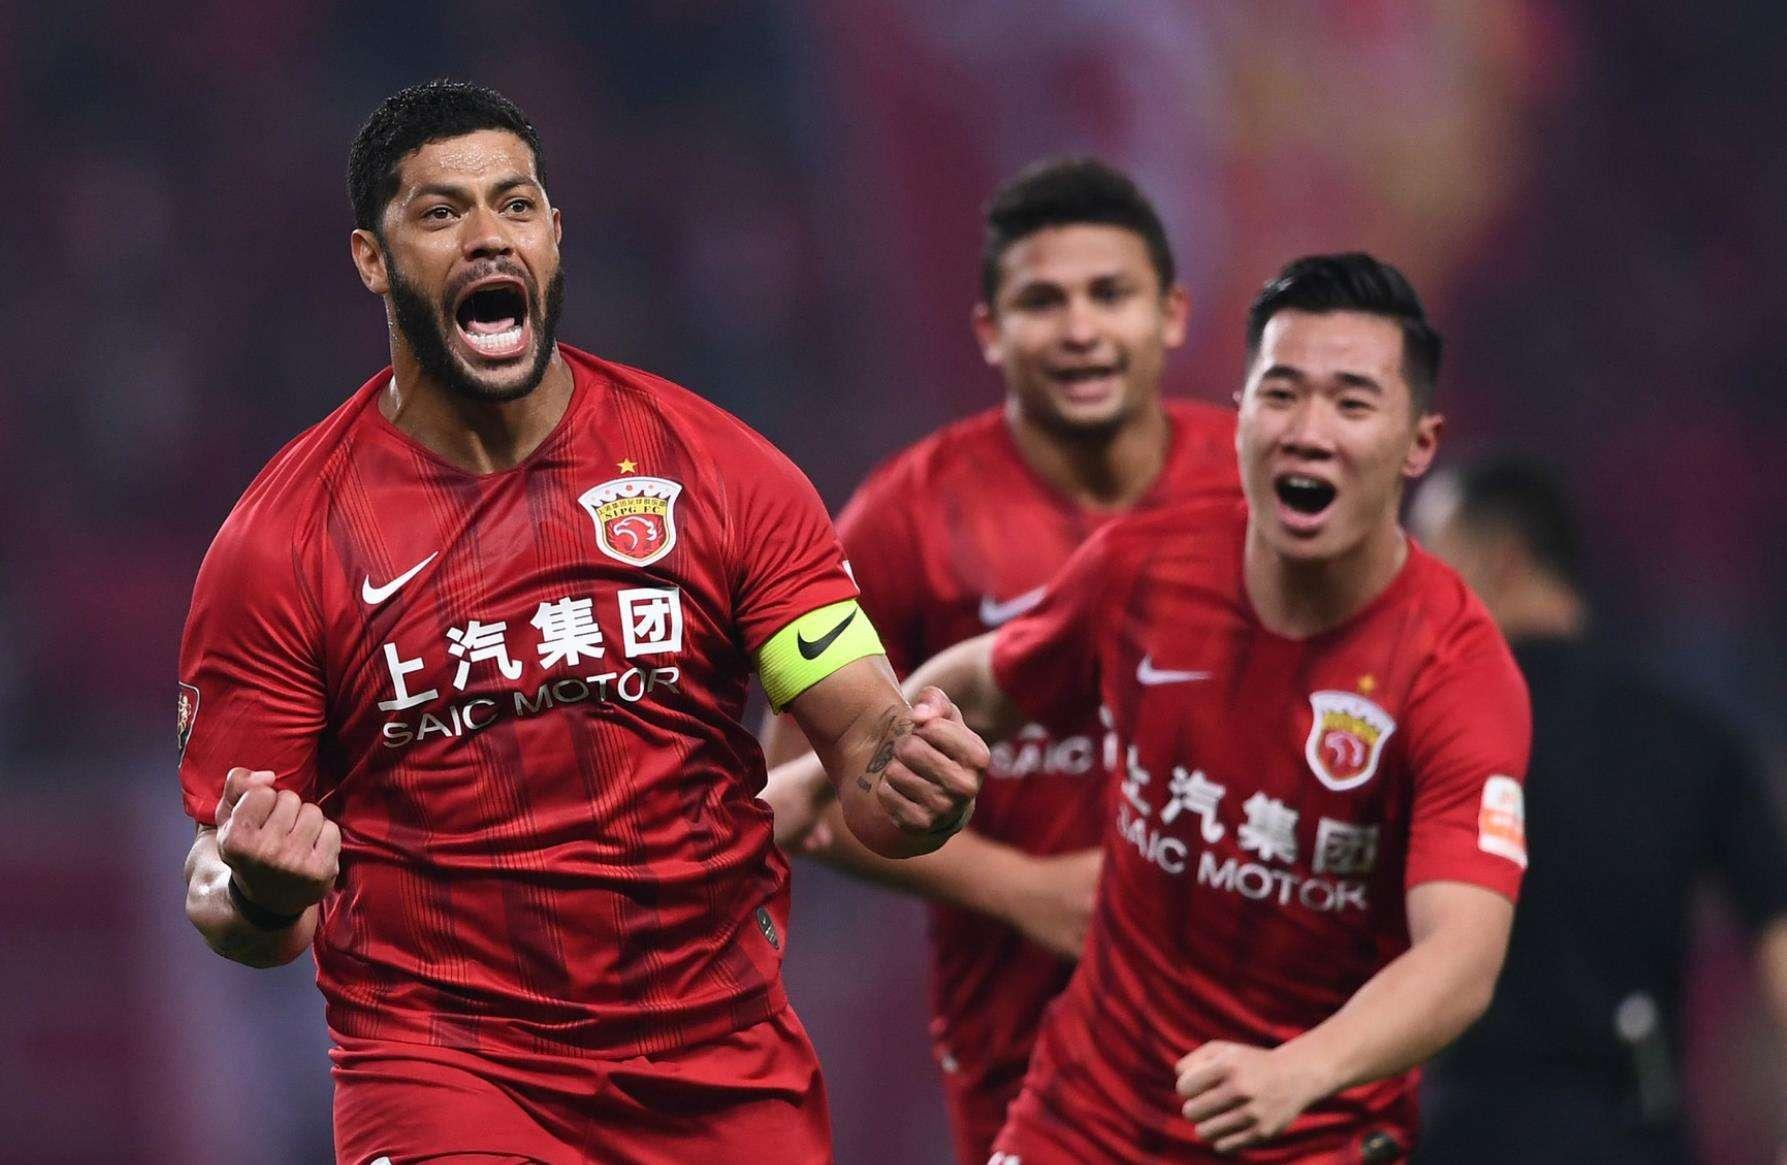 上海上港把国奥新星租走,花千万购买中乙前锋,为什么让人看不懂?